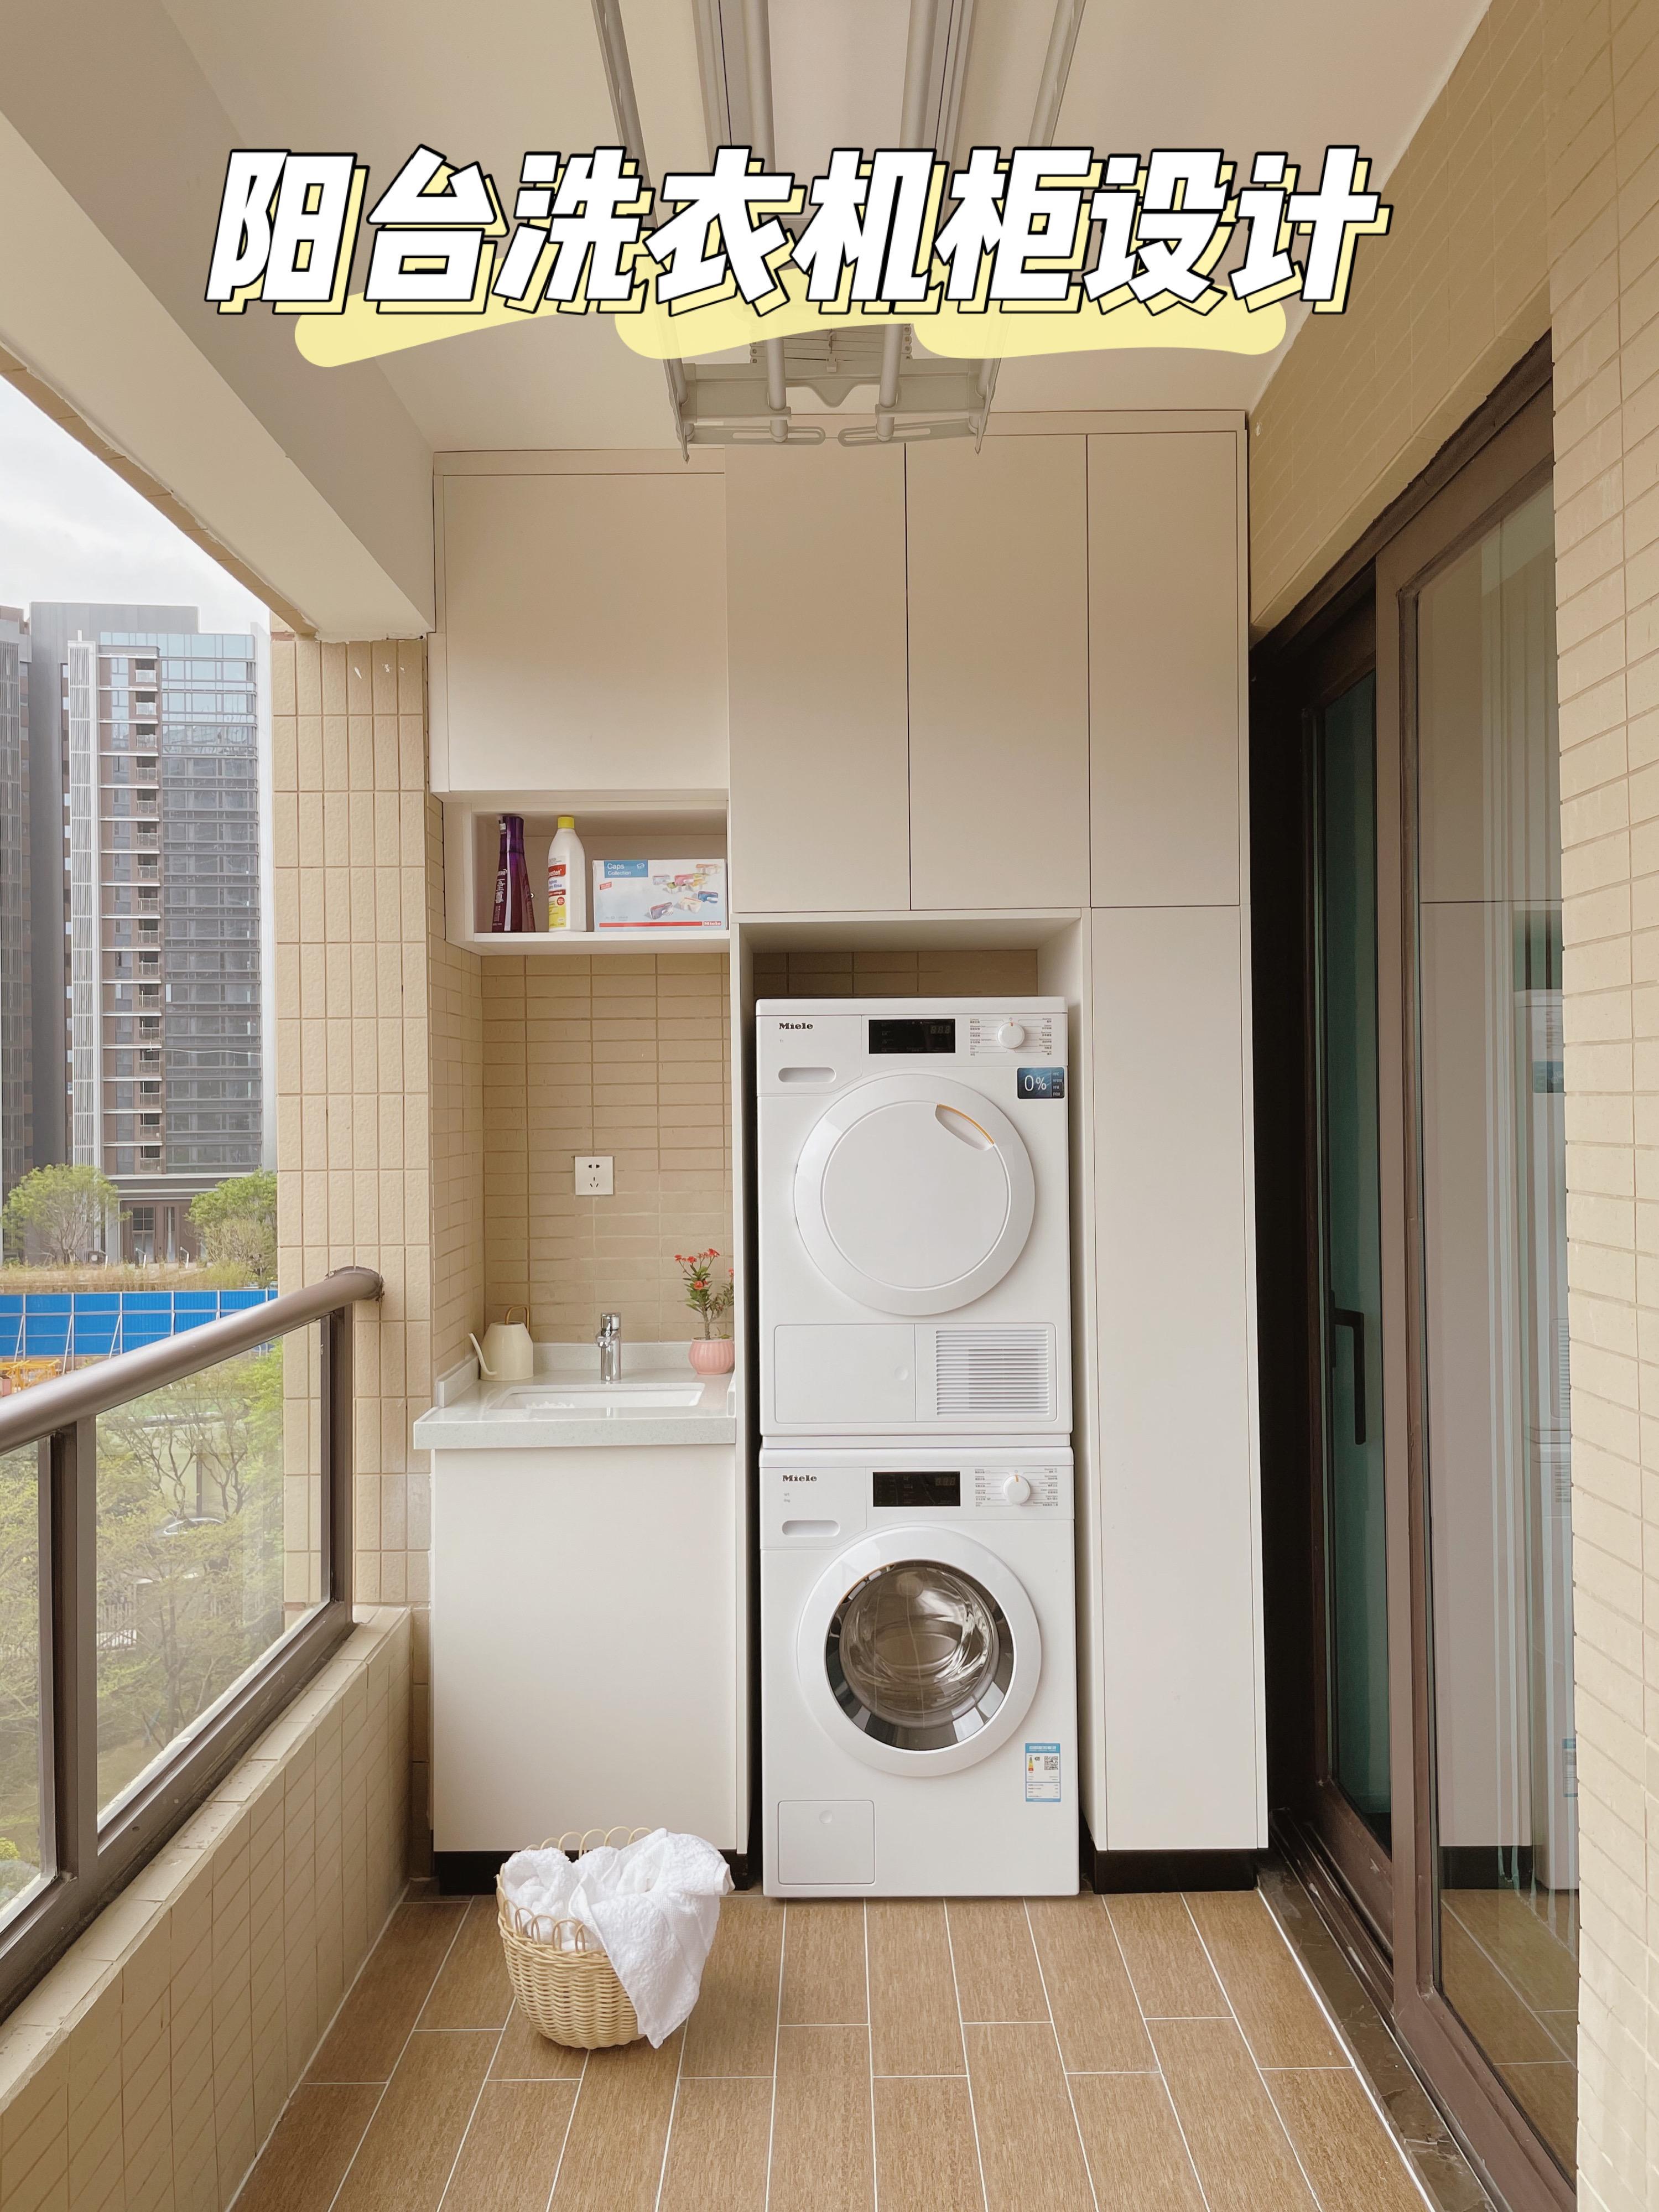 装修记录,我家阳台装了一个洗衣机柜,邻居看了都夸赞